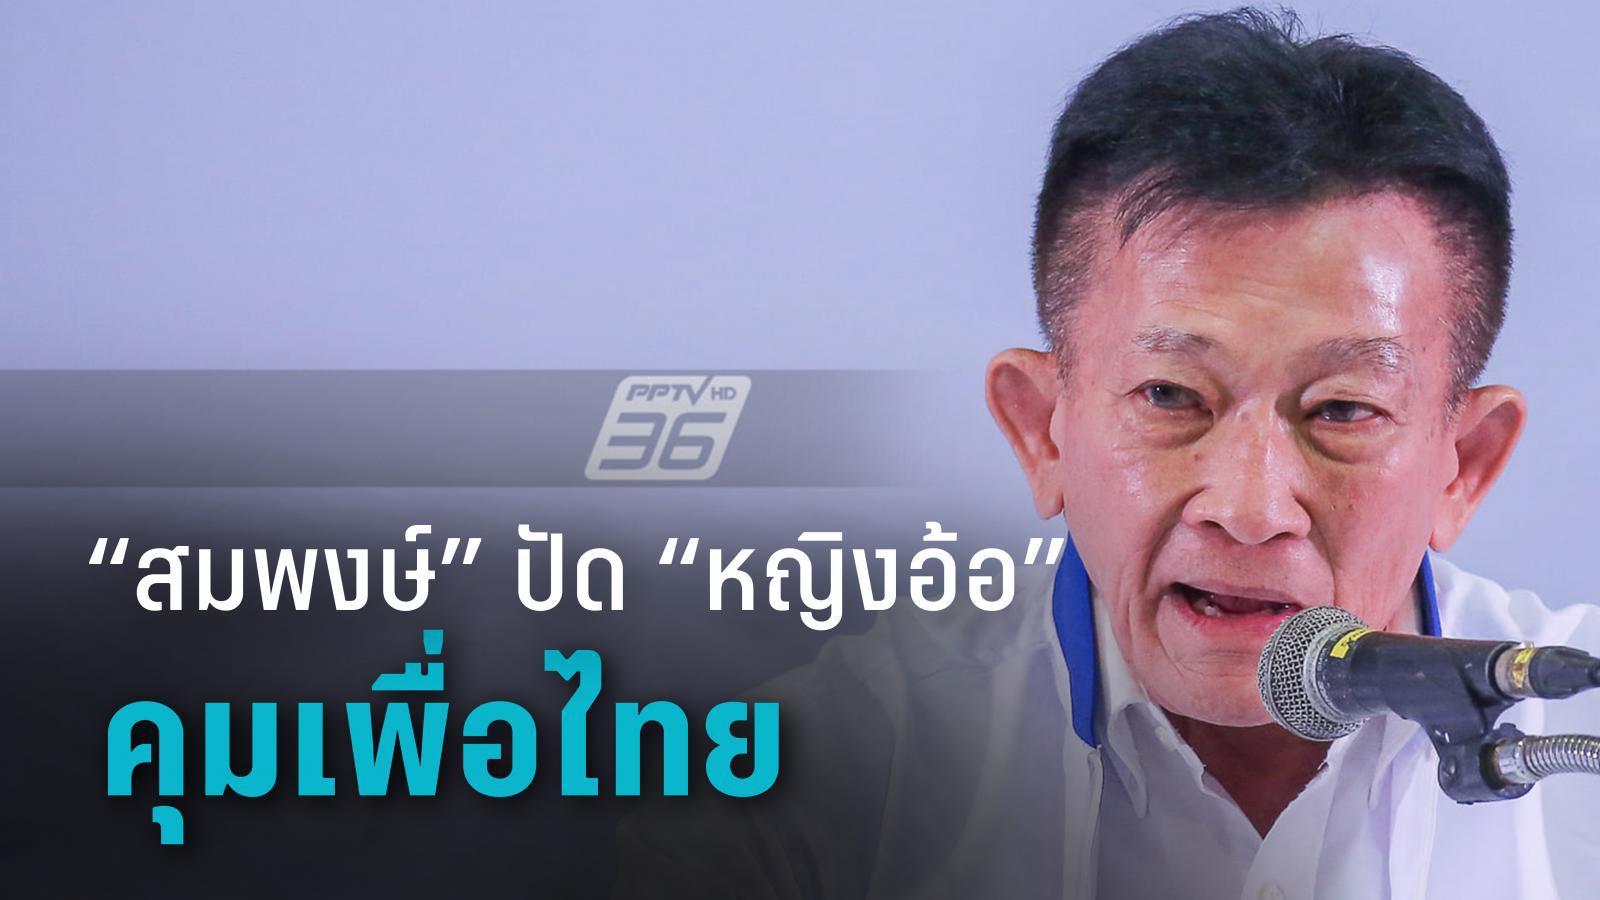 """""""สมพงษ์"""" ปัด """"หญิงอ้อ"""" คุมเพื่อไทย ไม่รู้ลูกเขย """"ทักษิณ"""" ลงการเมือง"""